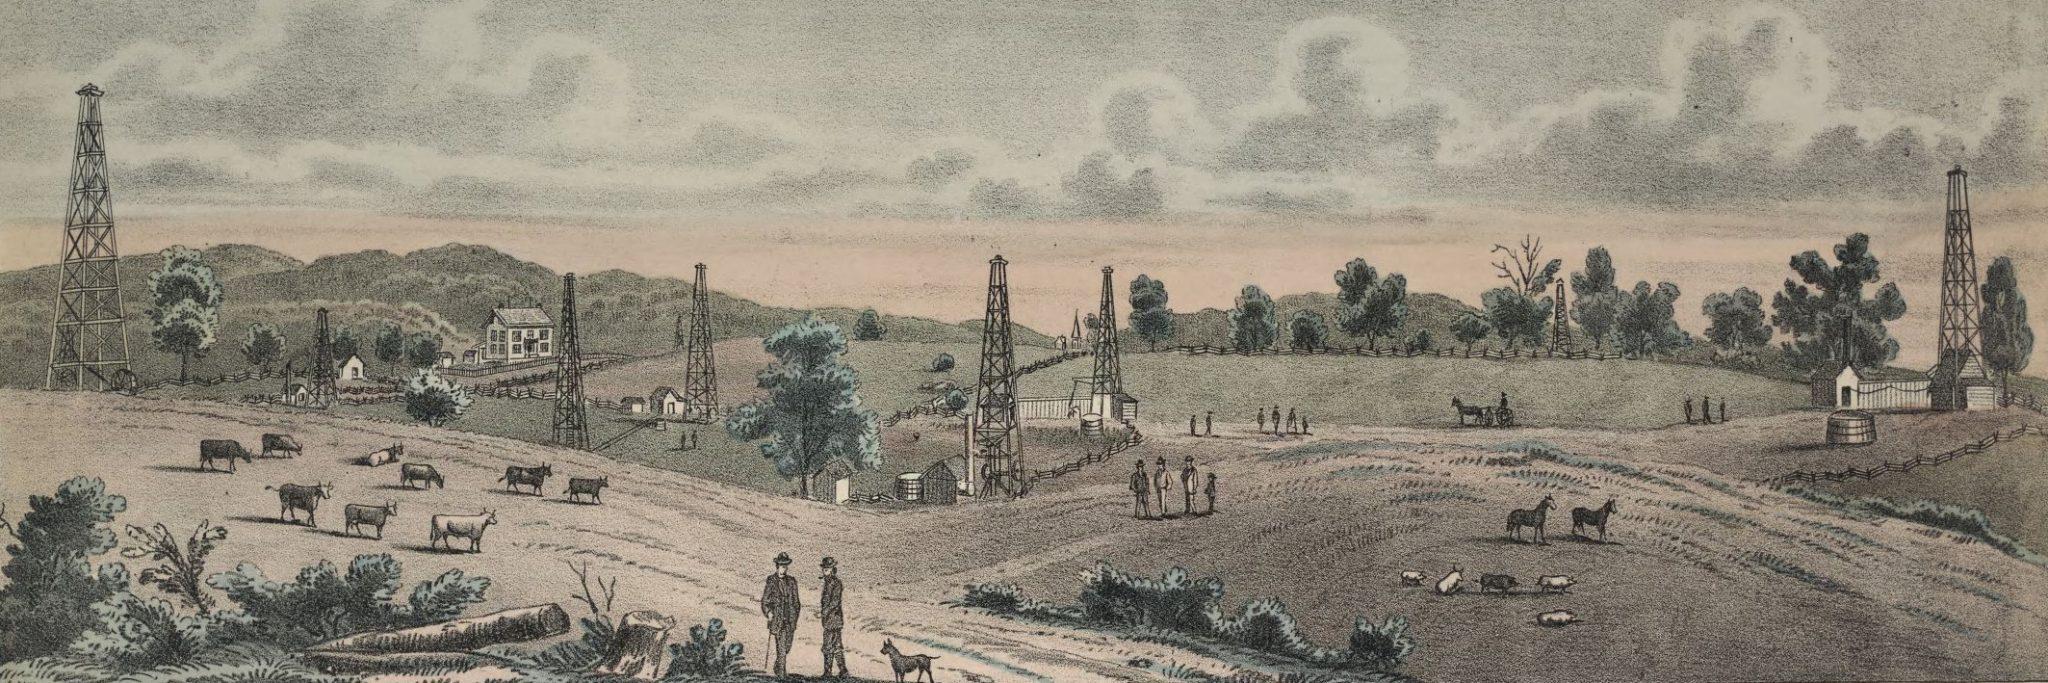 Clarion ca. 1877